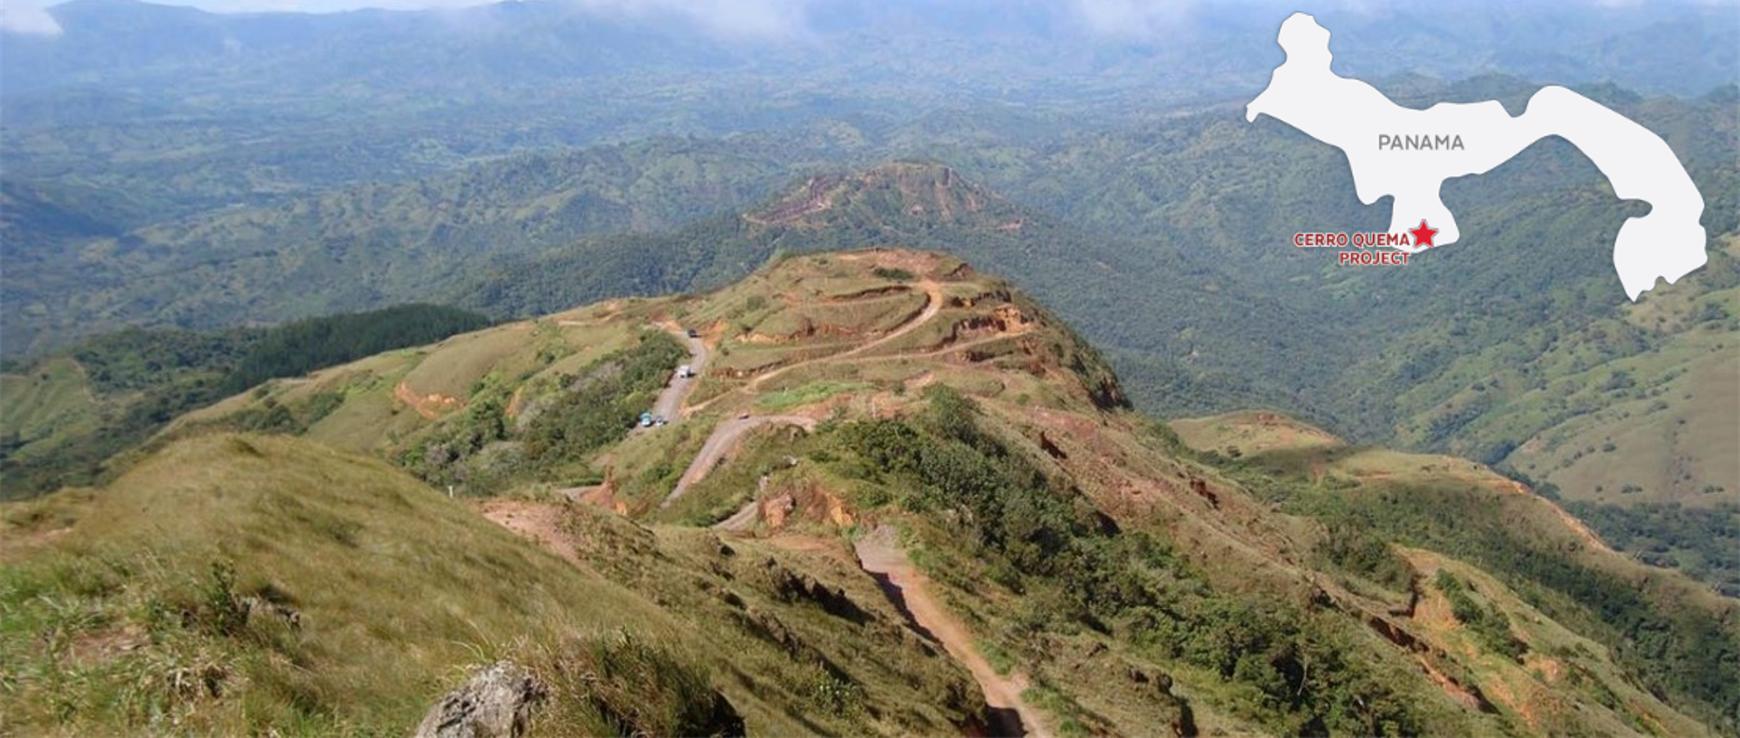 Orla Mining Cerro Quema vista